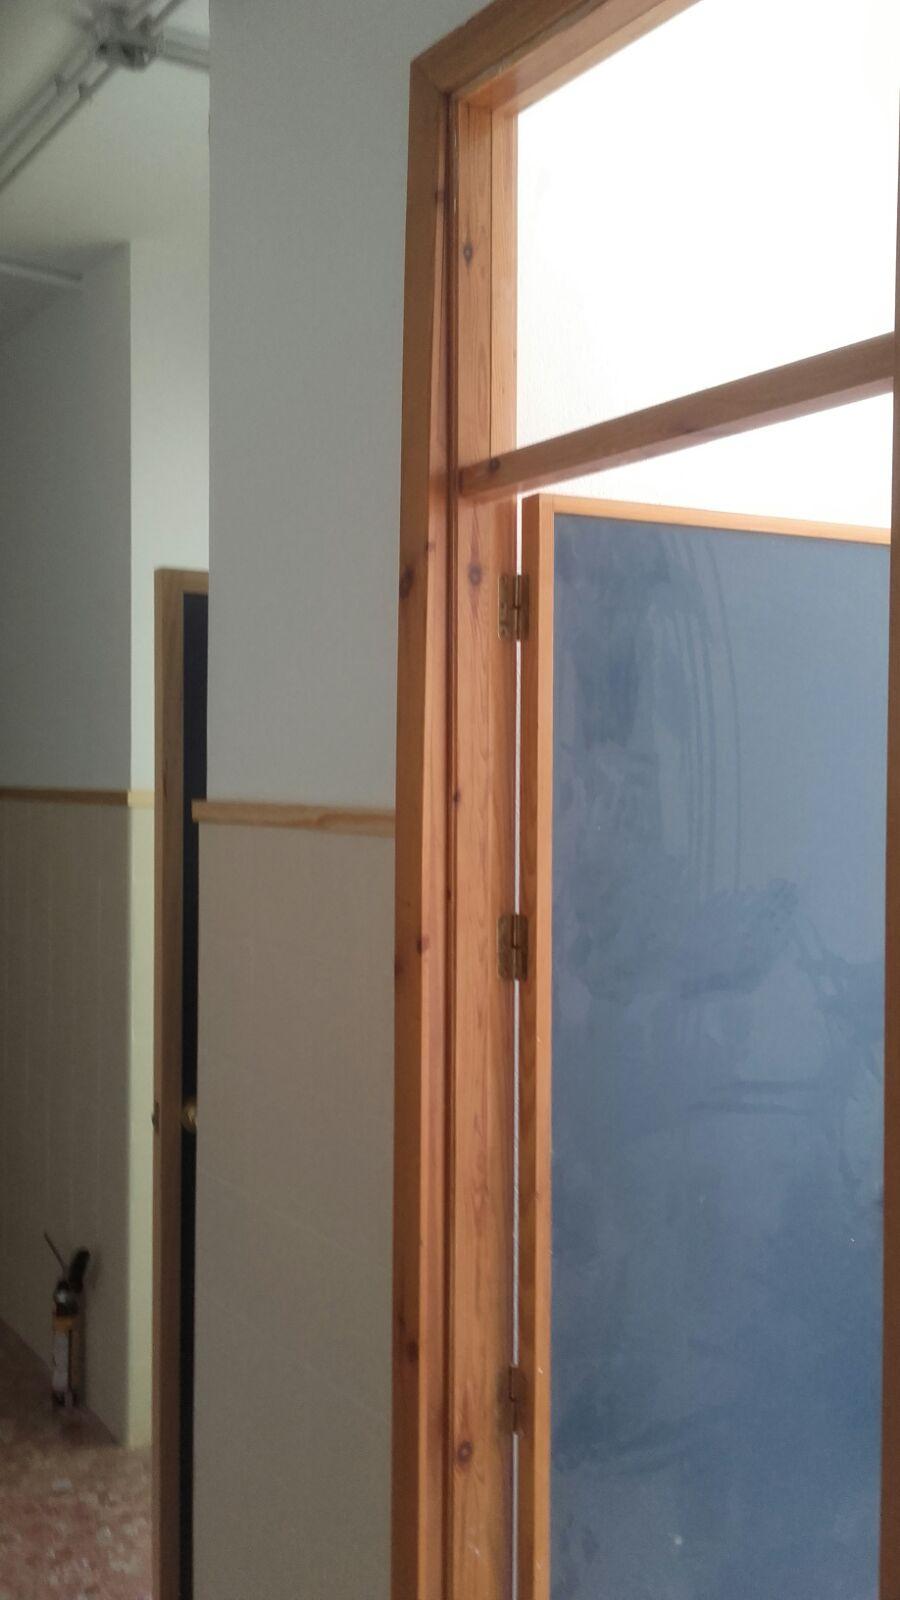 Marcos de madera para puertas en granada carpinteria movidecor granada - Marcos de puertas de madera ...